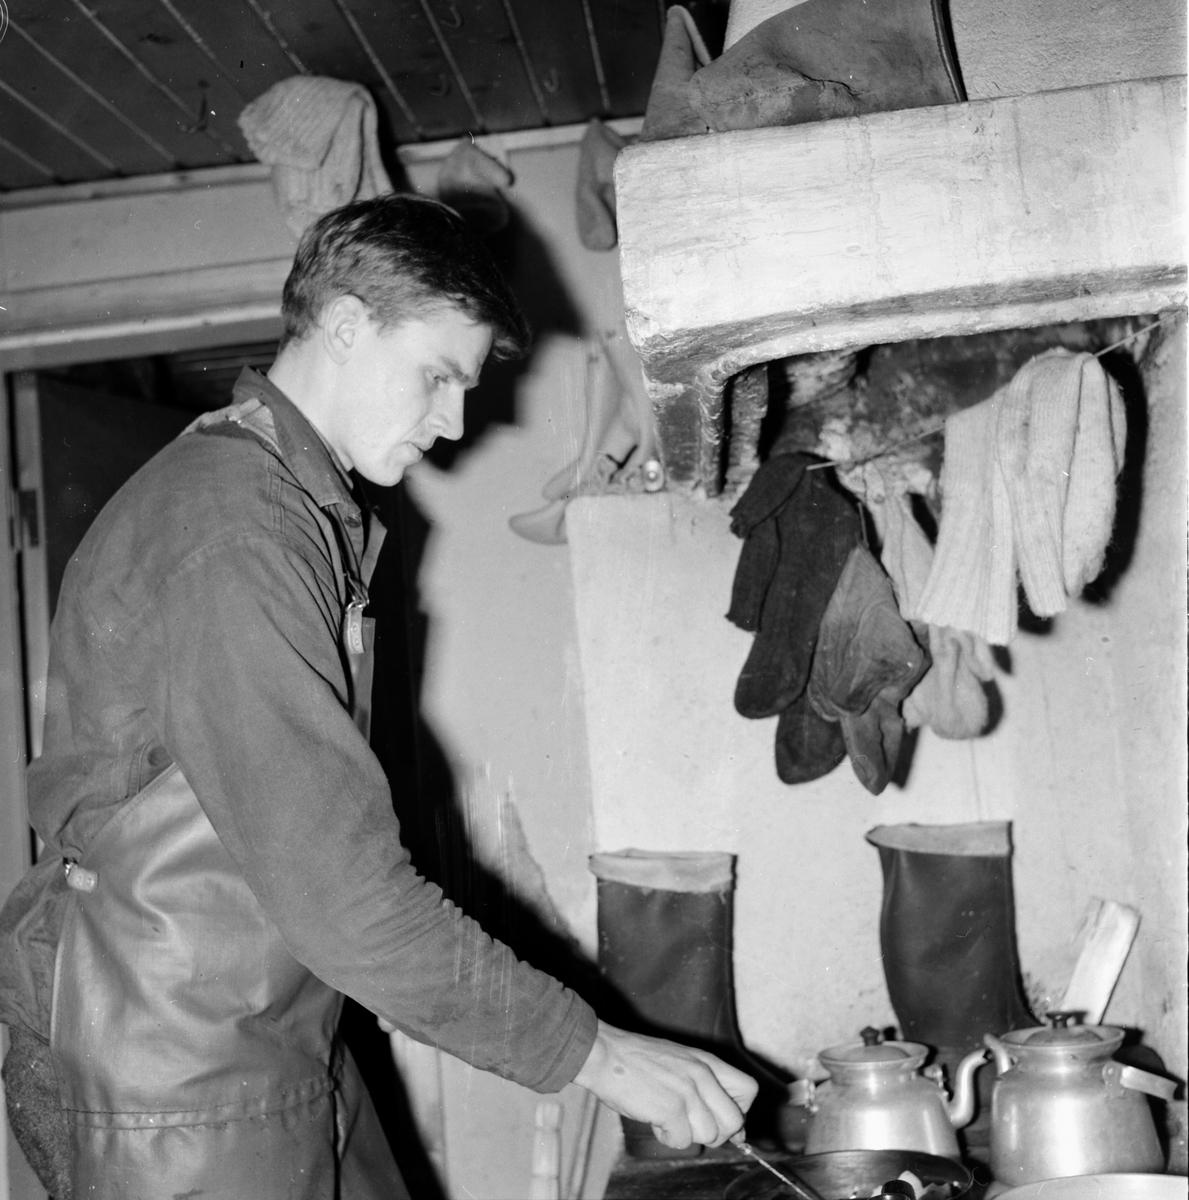 Skog. Skogsrepotage vid Sörbränningen. 26/1-1965